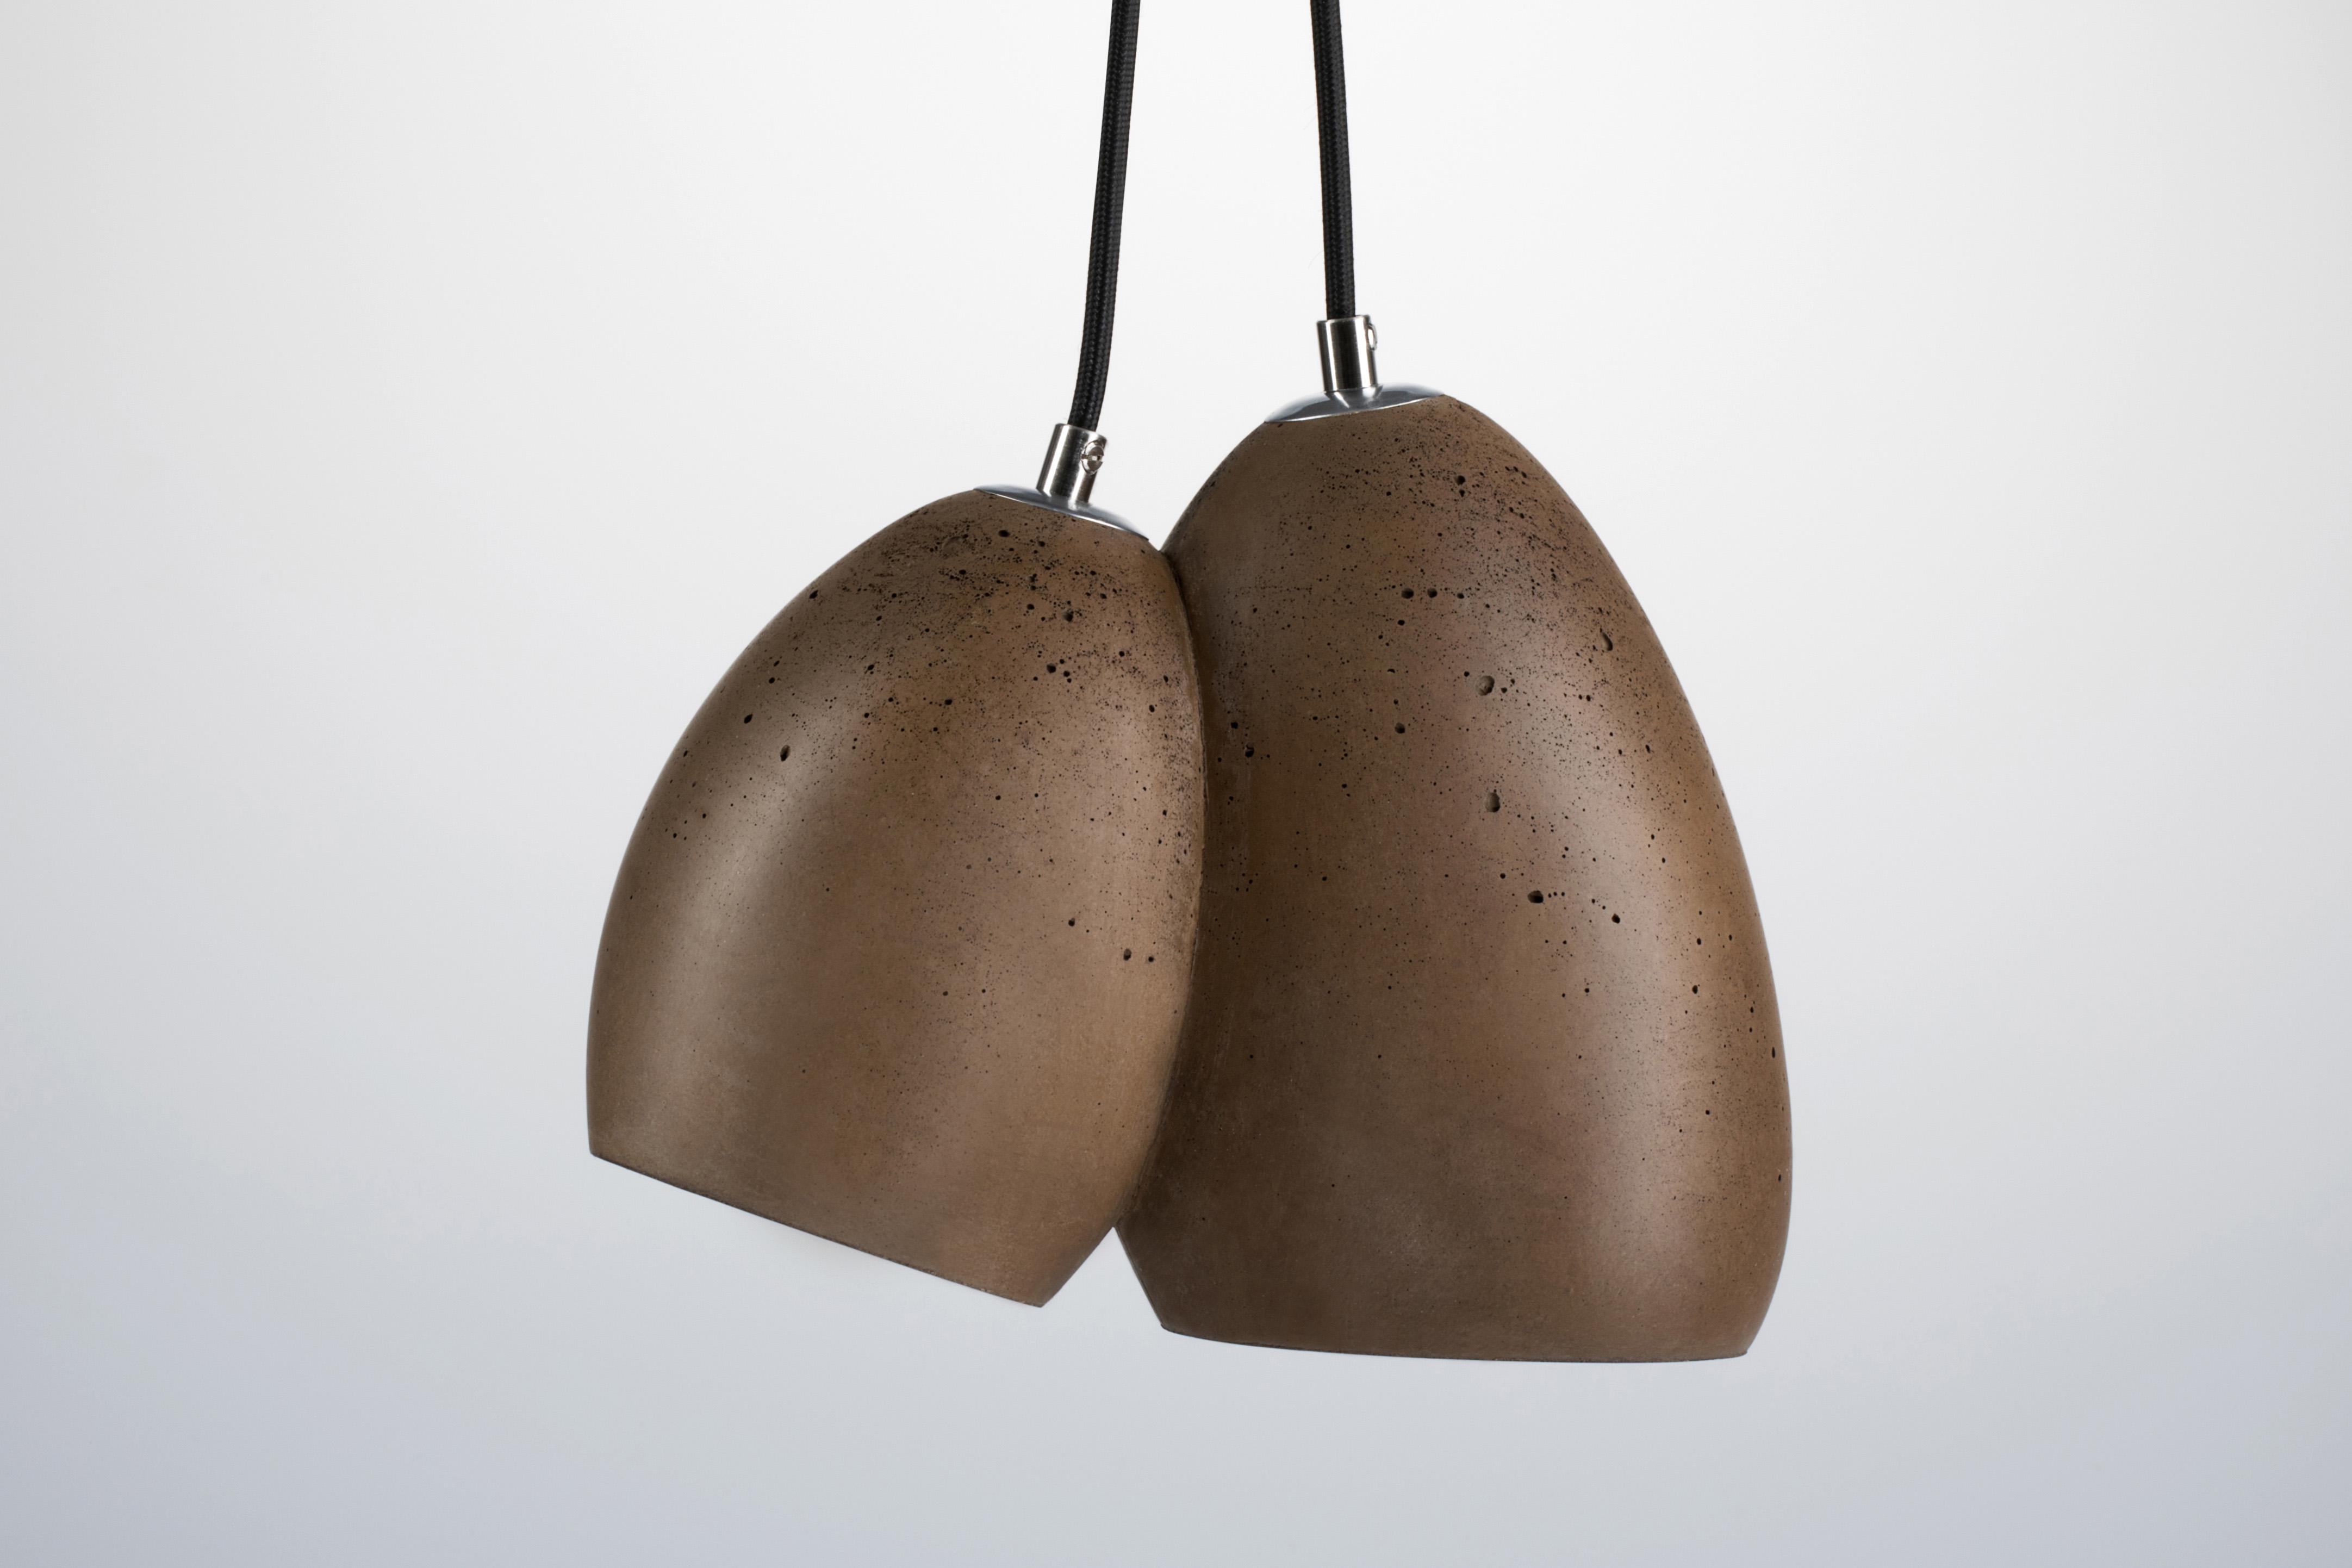 Boulders Brown